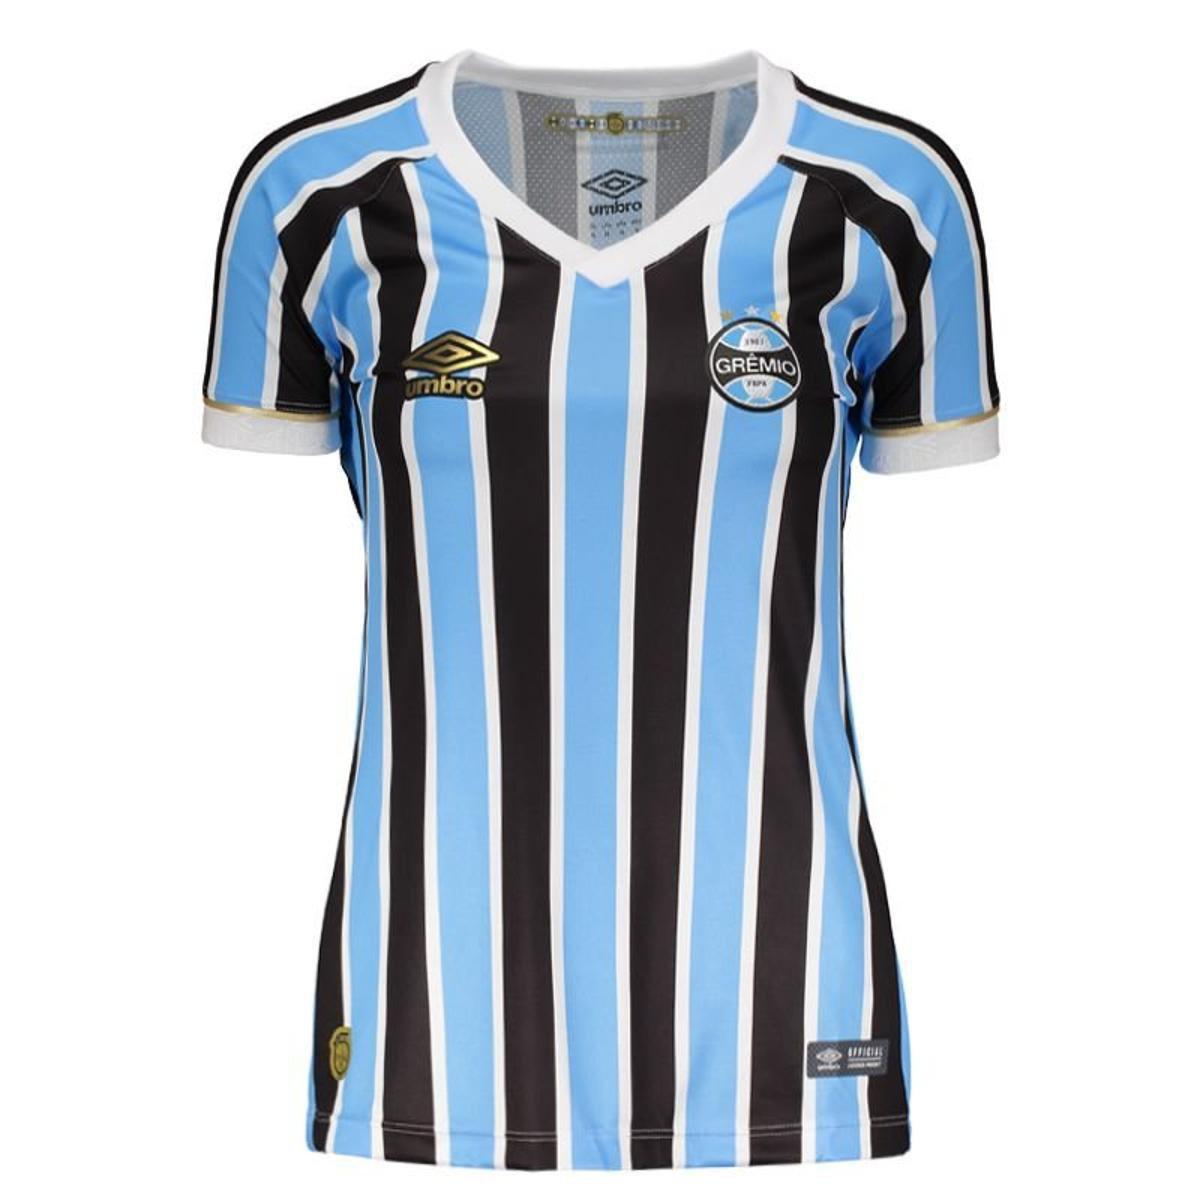 29eadb2e2f335 Camisa Umbro Grêmio Feminino - Preto e Azul - Compre Agora